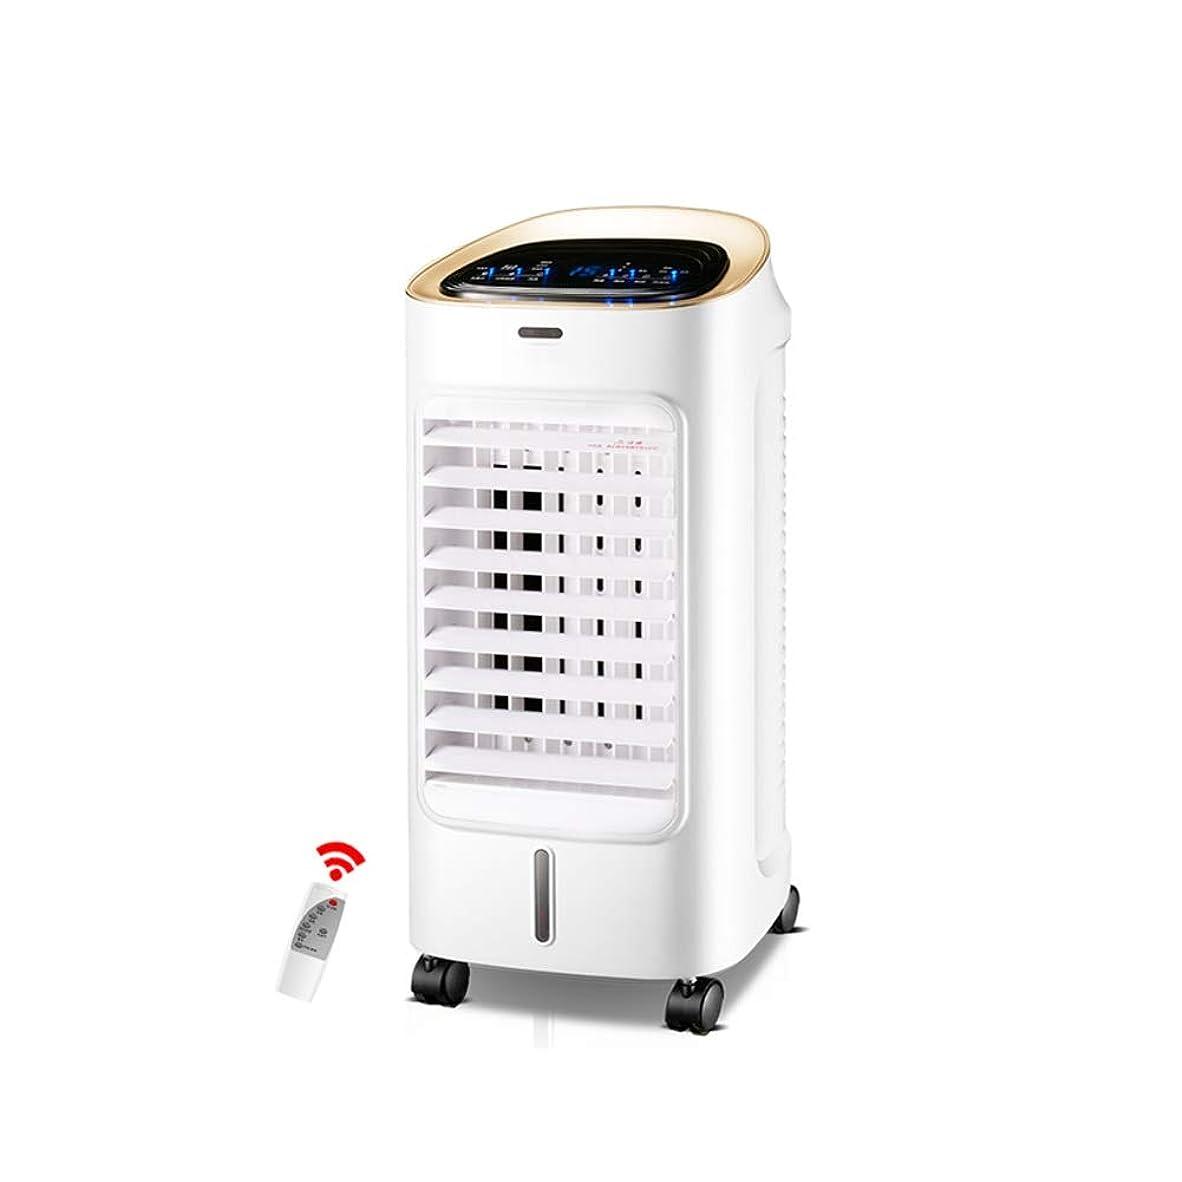 国旗南東間違いなくLPD-冷風機 ポータブル蒸発エアコンタワーコールドエアクーラーファンモバイルエアコンタイミングリモコンマイナスイオン精製9H